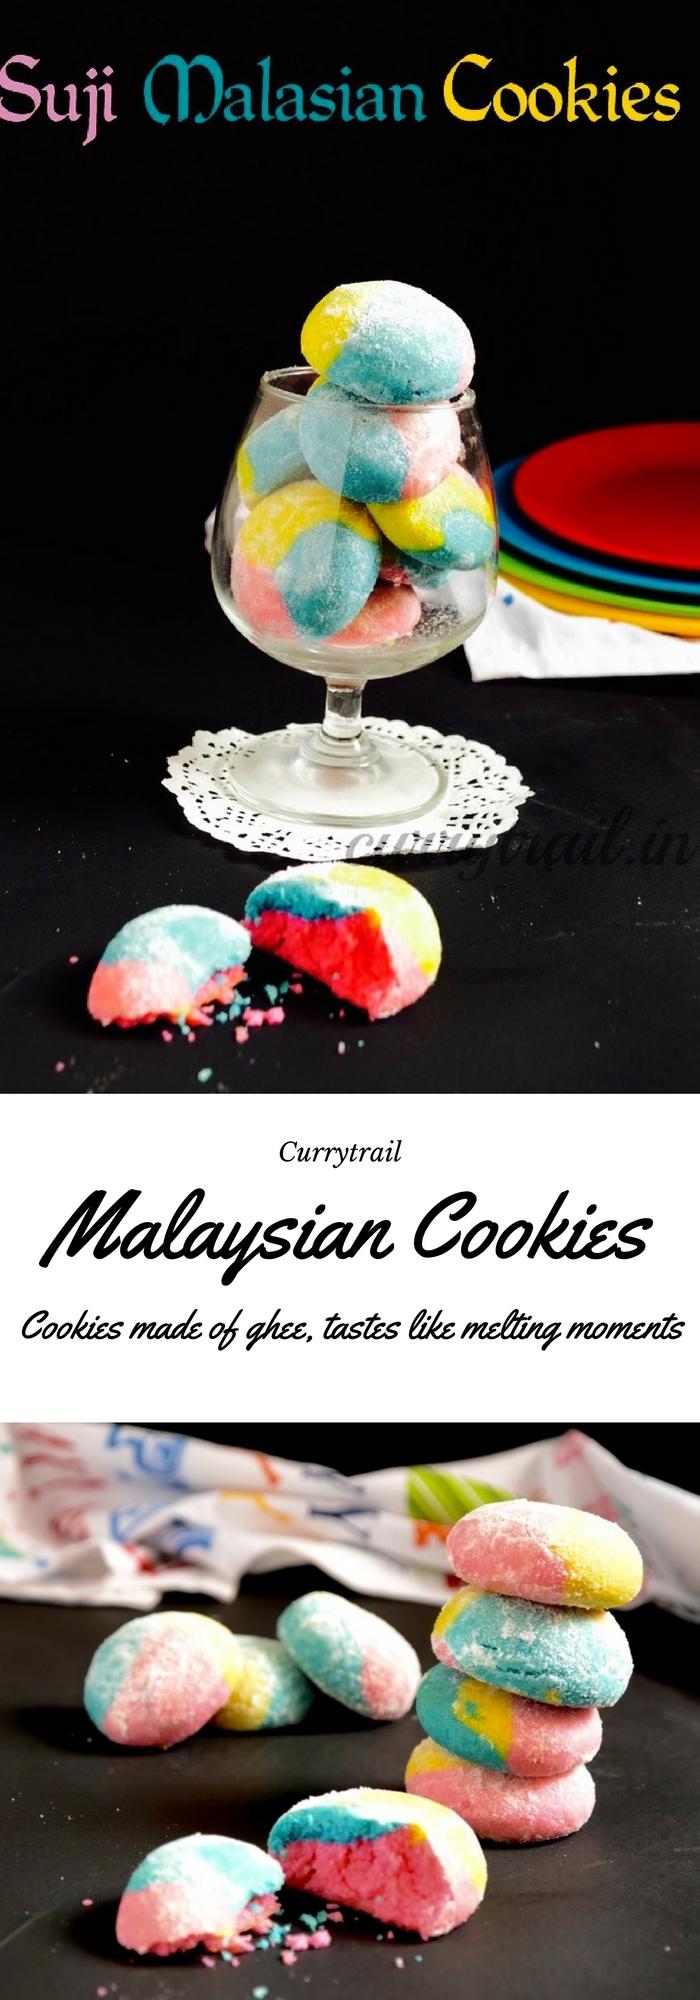 Suji Malaysian Cookies